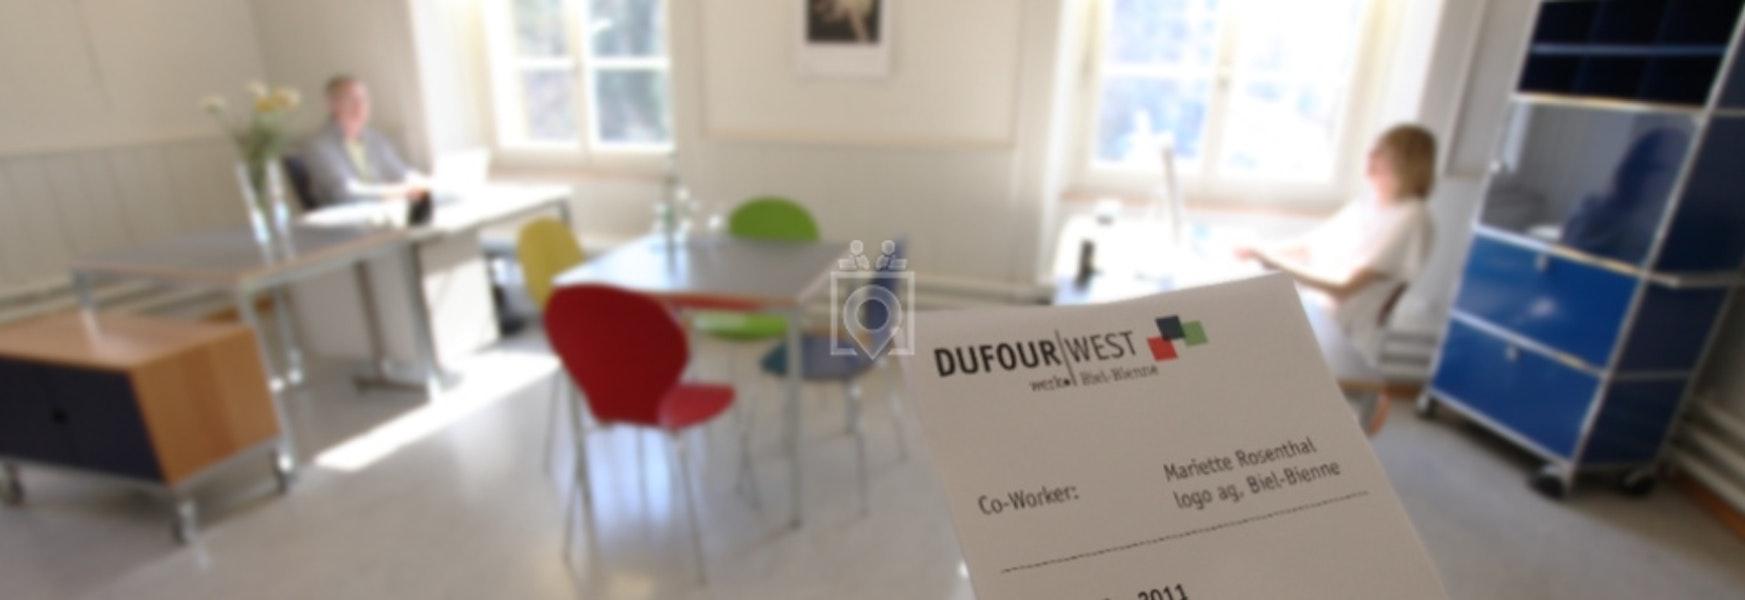 Dufour West, Biel